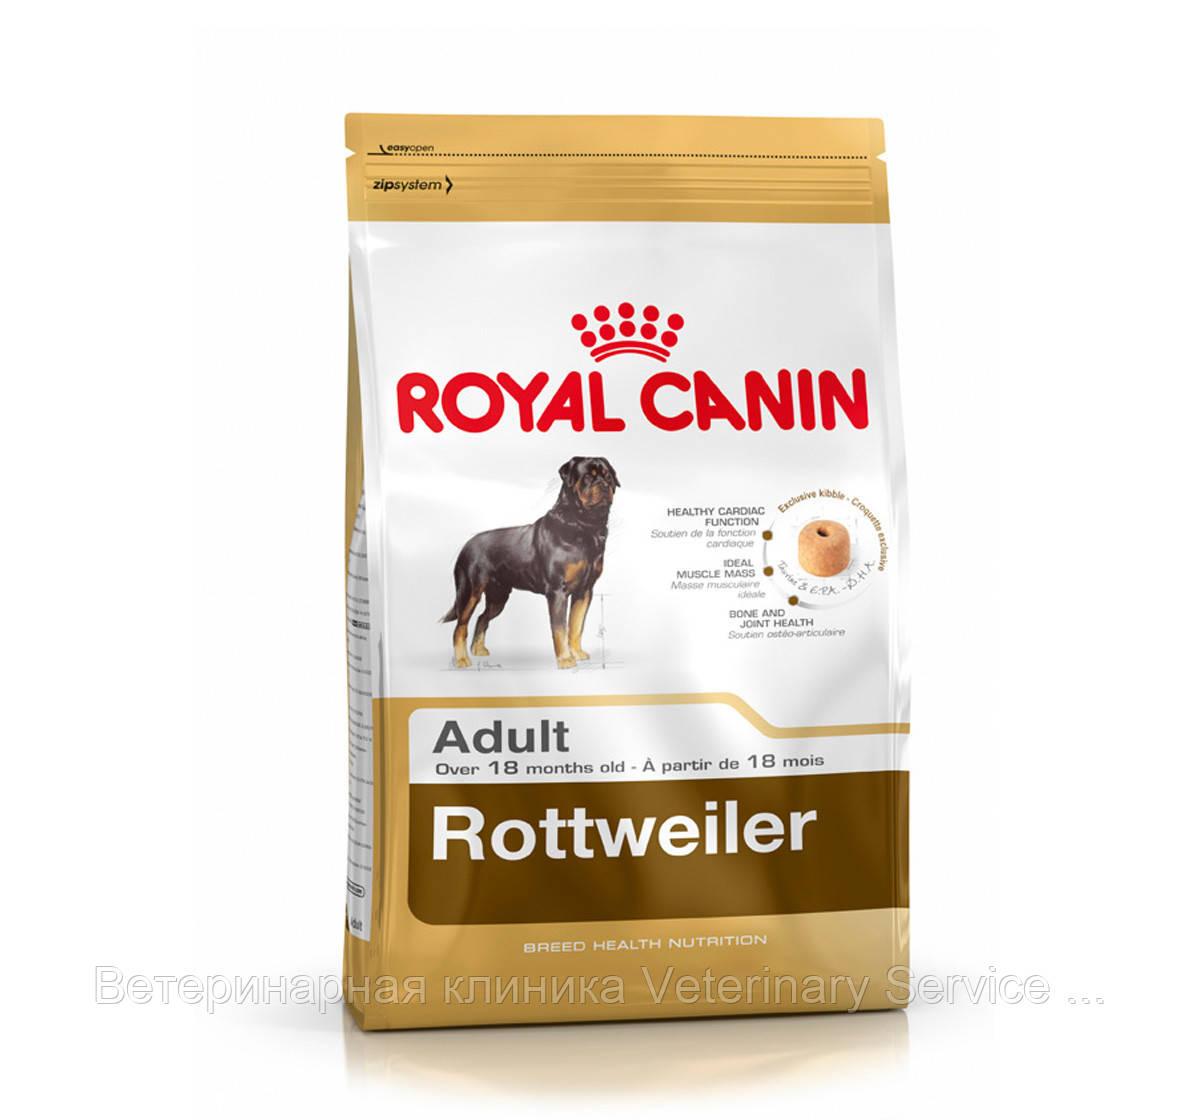 Rottweiler Adult (Ротвейлер 3 kg)